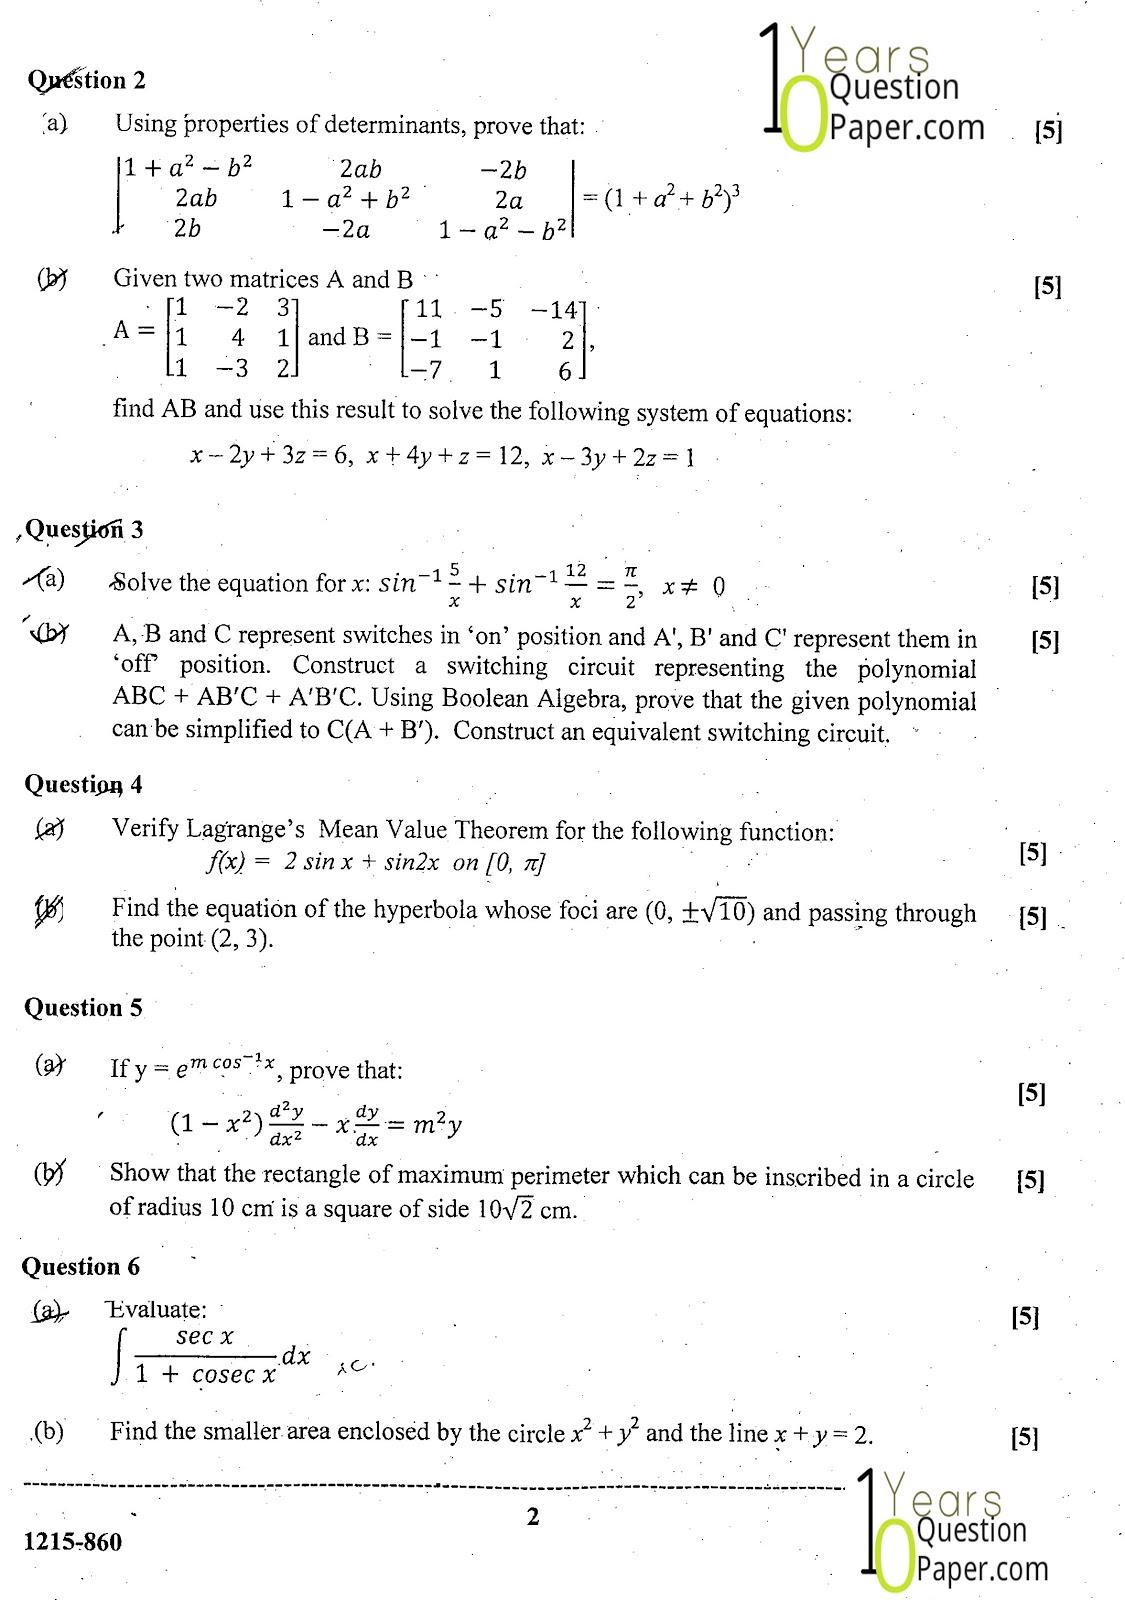 ISC Class 12 Mathematics 2015 Question Paper